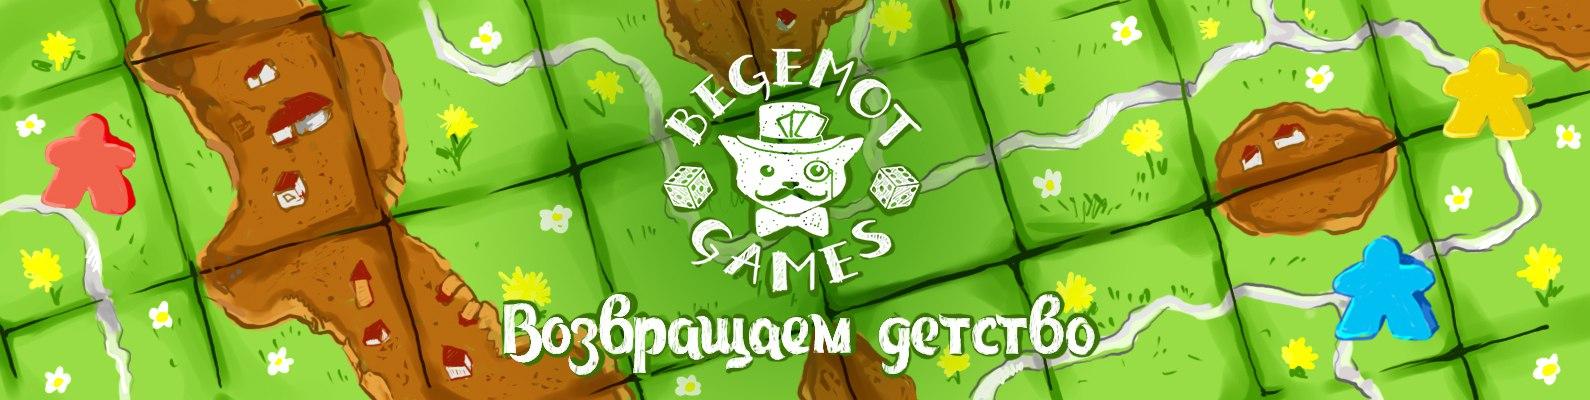 Begemot Games